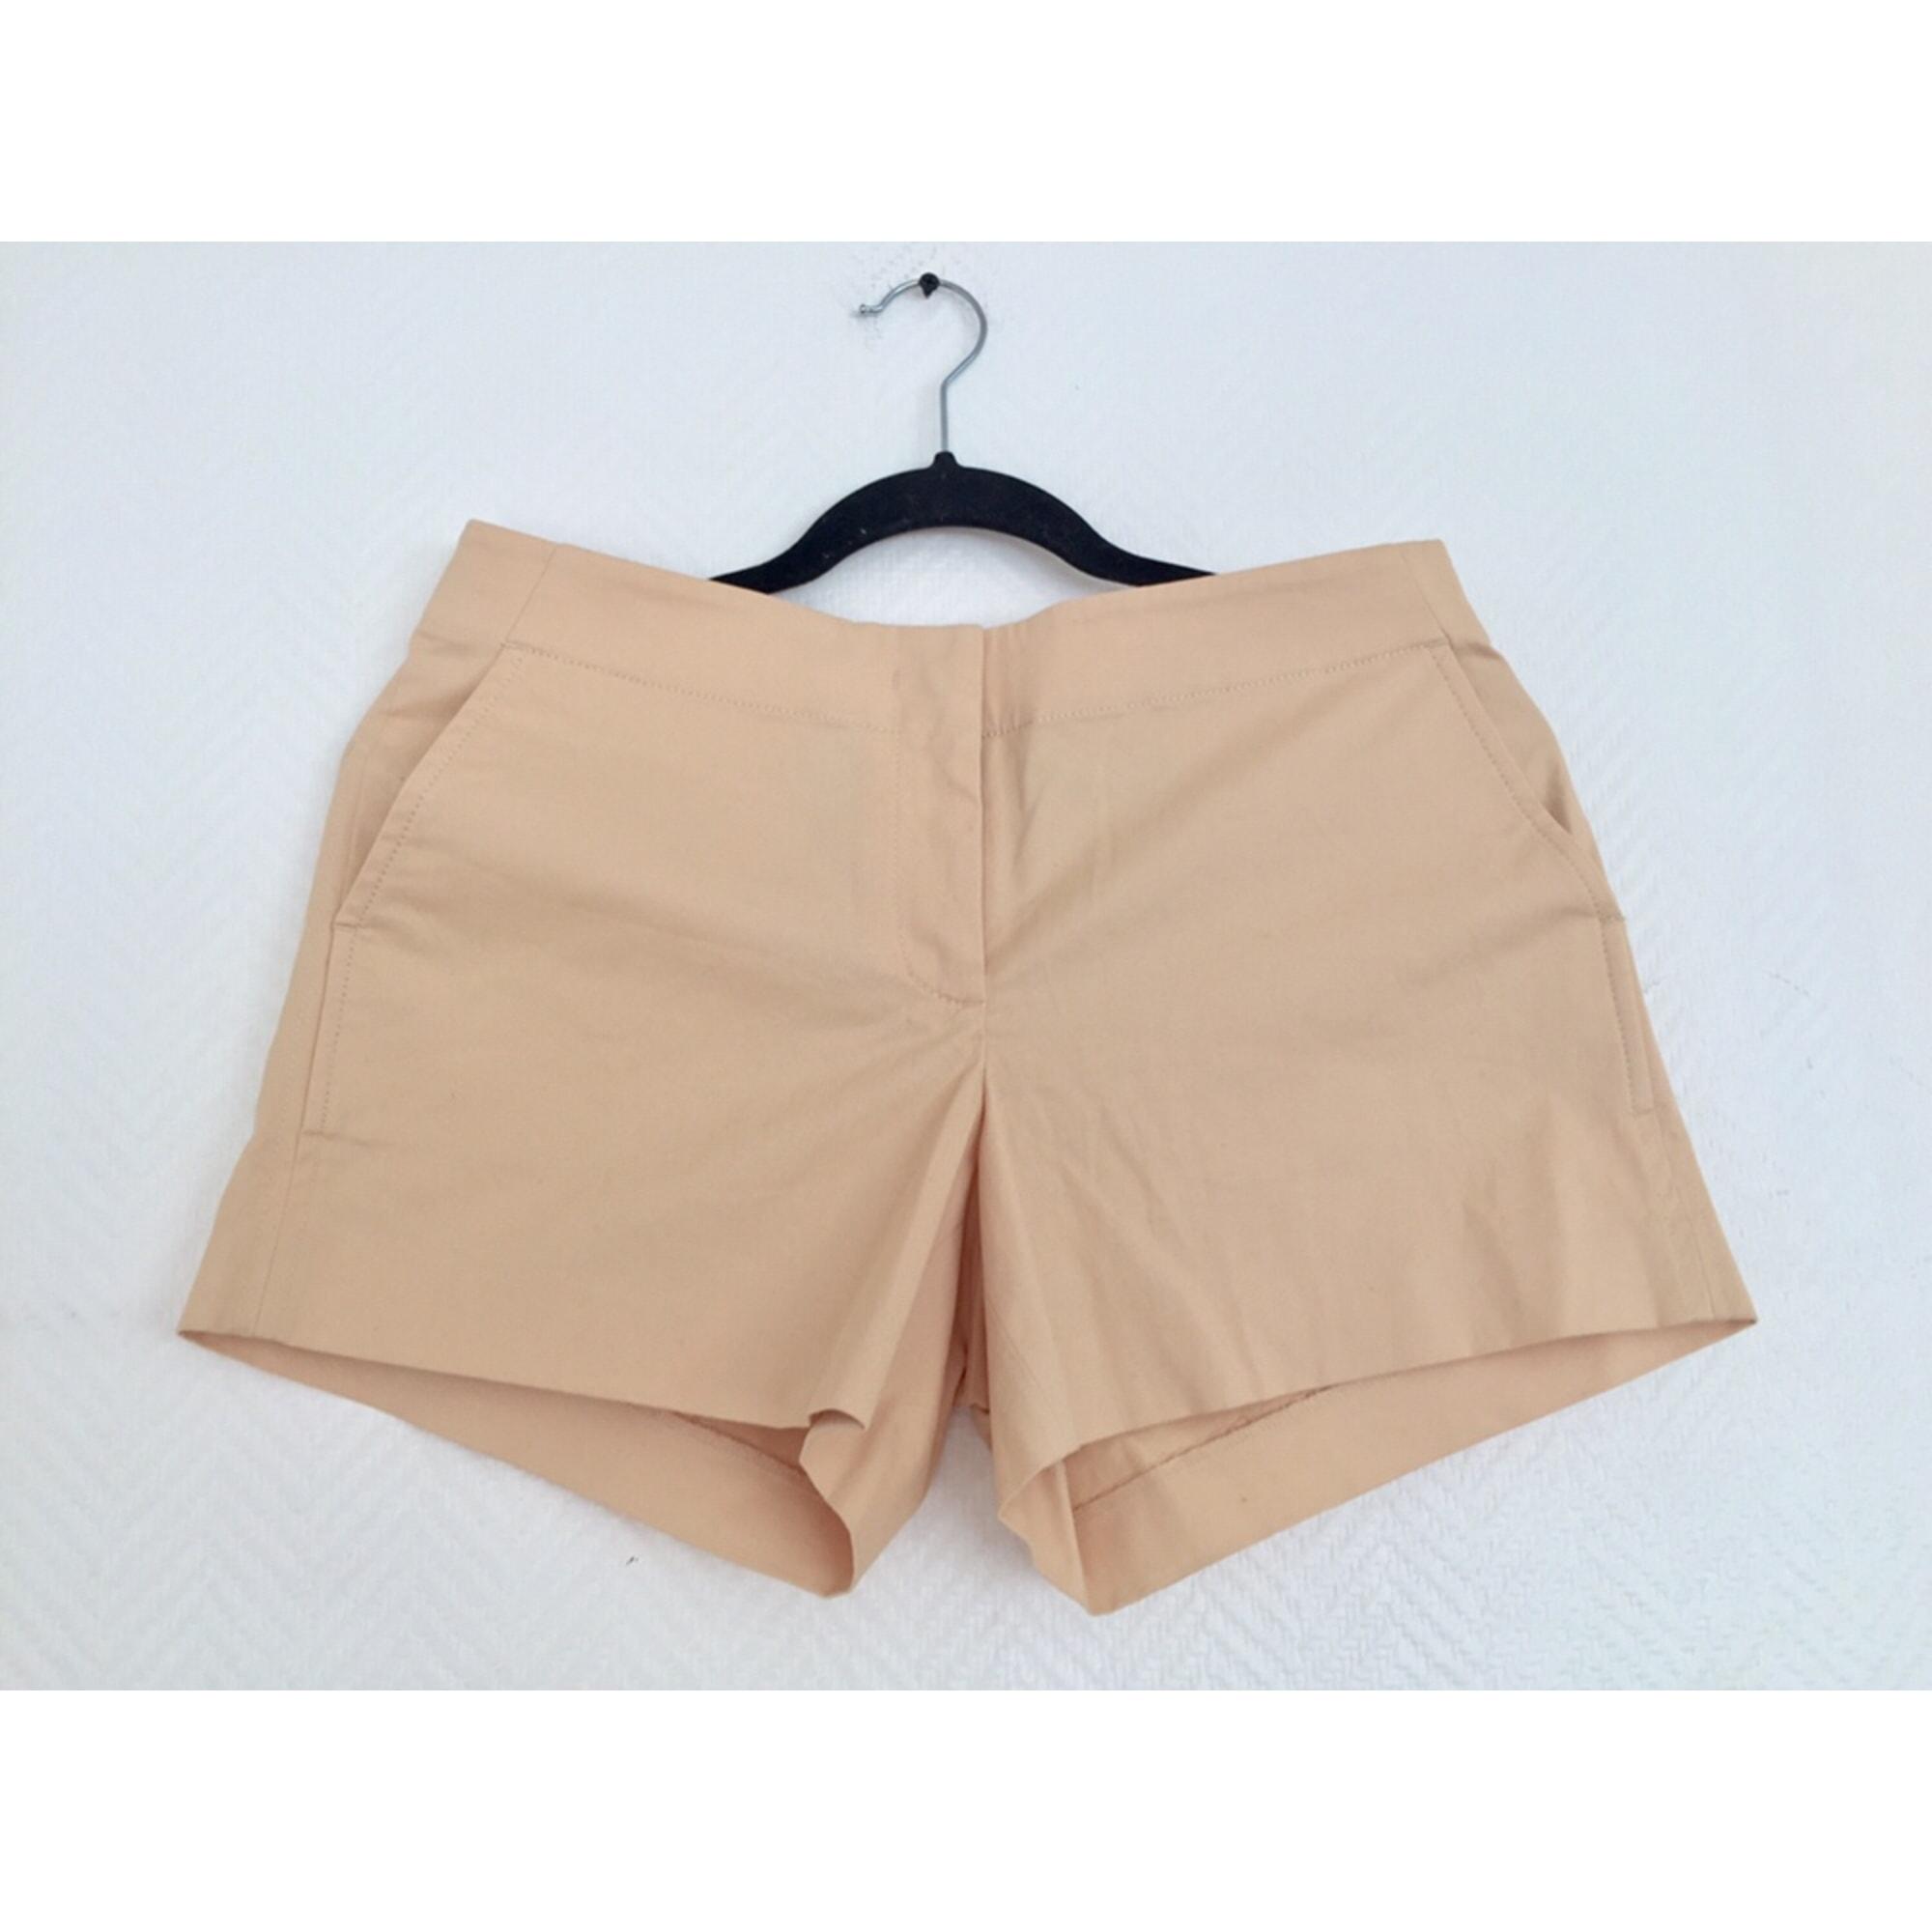 Short J CREW Orange nude